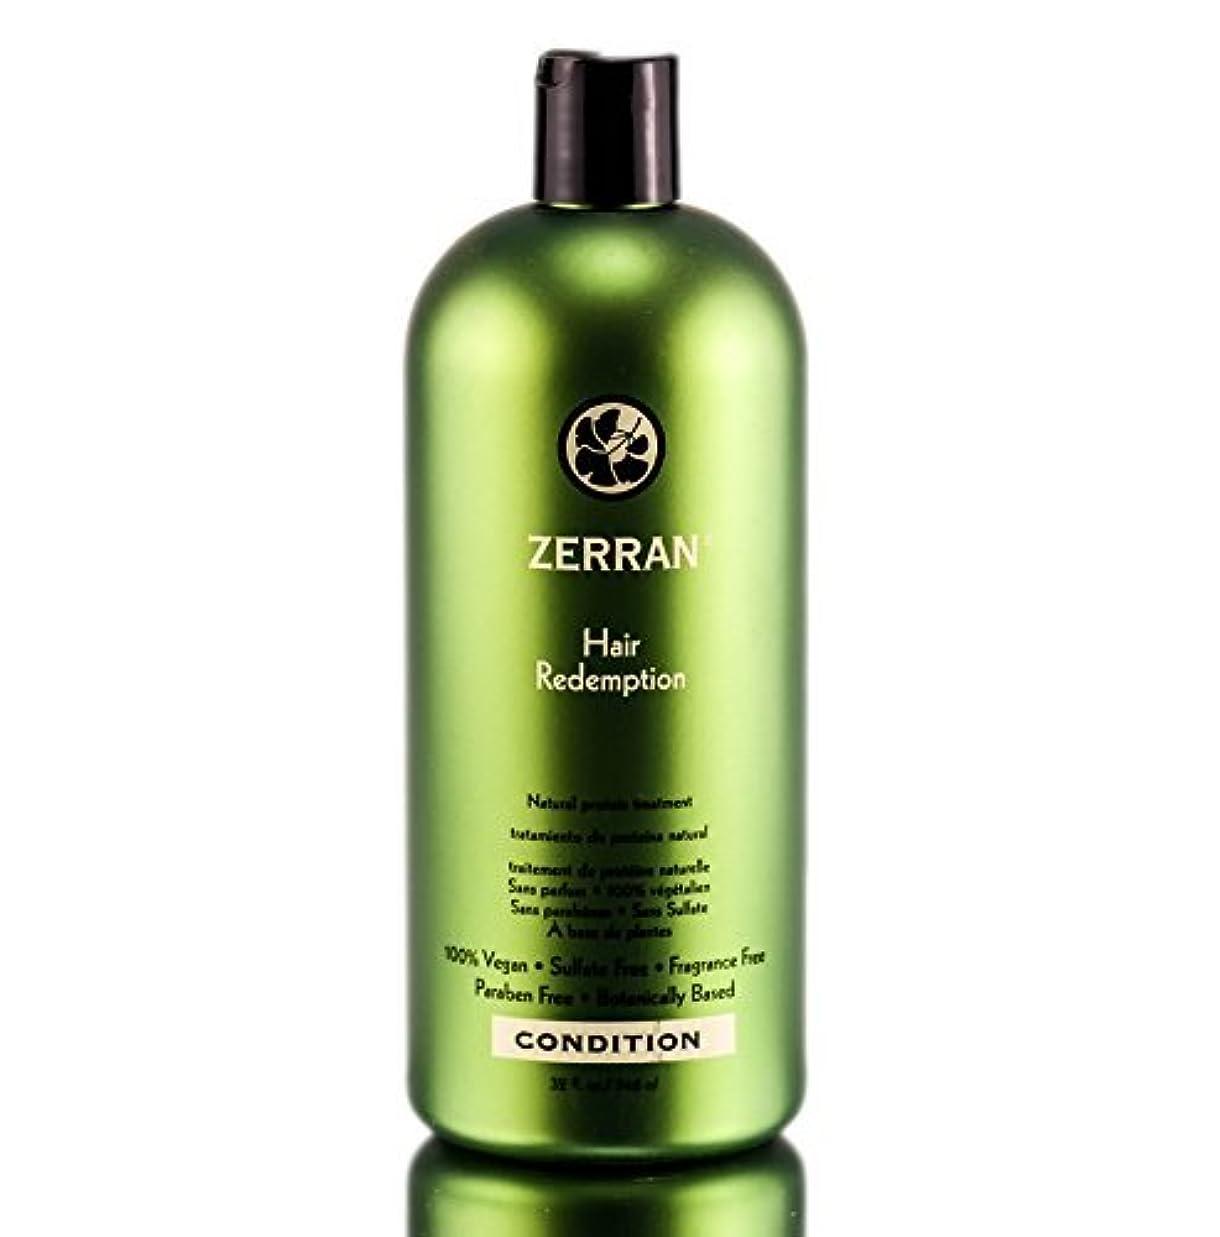 開発するノイズ喜ぶZerran Hair Care Zerran髪の償還 - emergeny天然のタンパク質の髪の補修 - 33.8オンス/リットル 33.8オンス